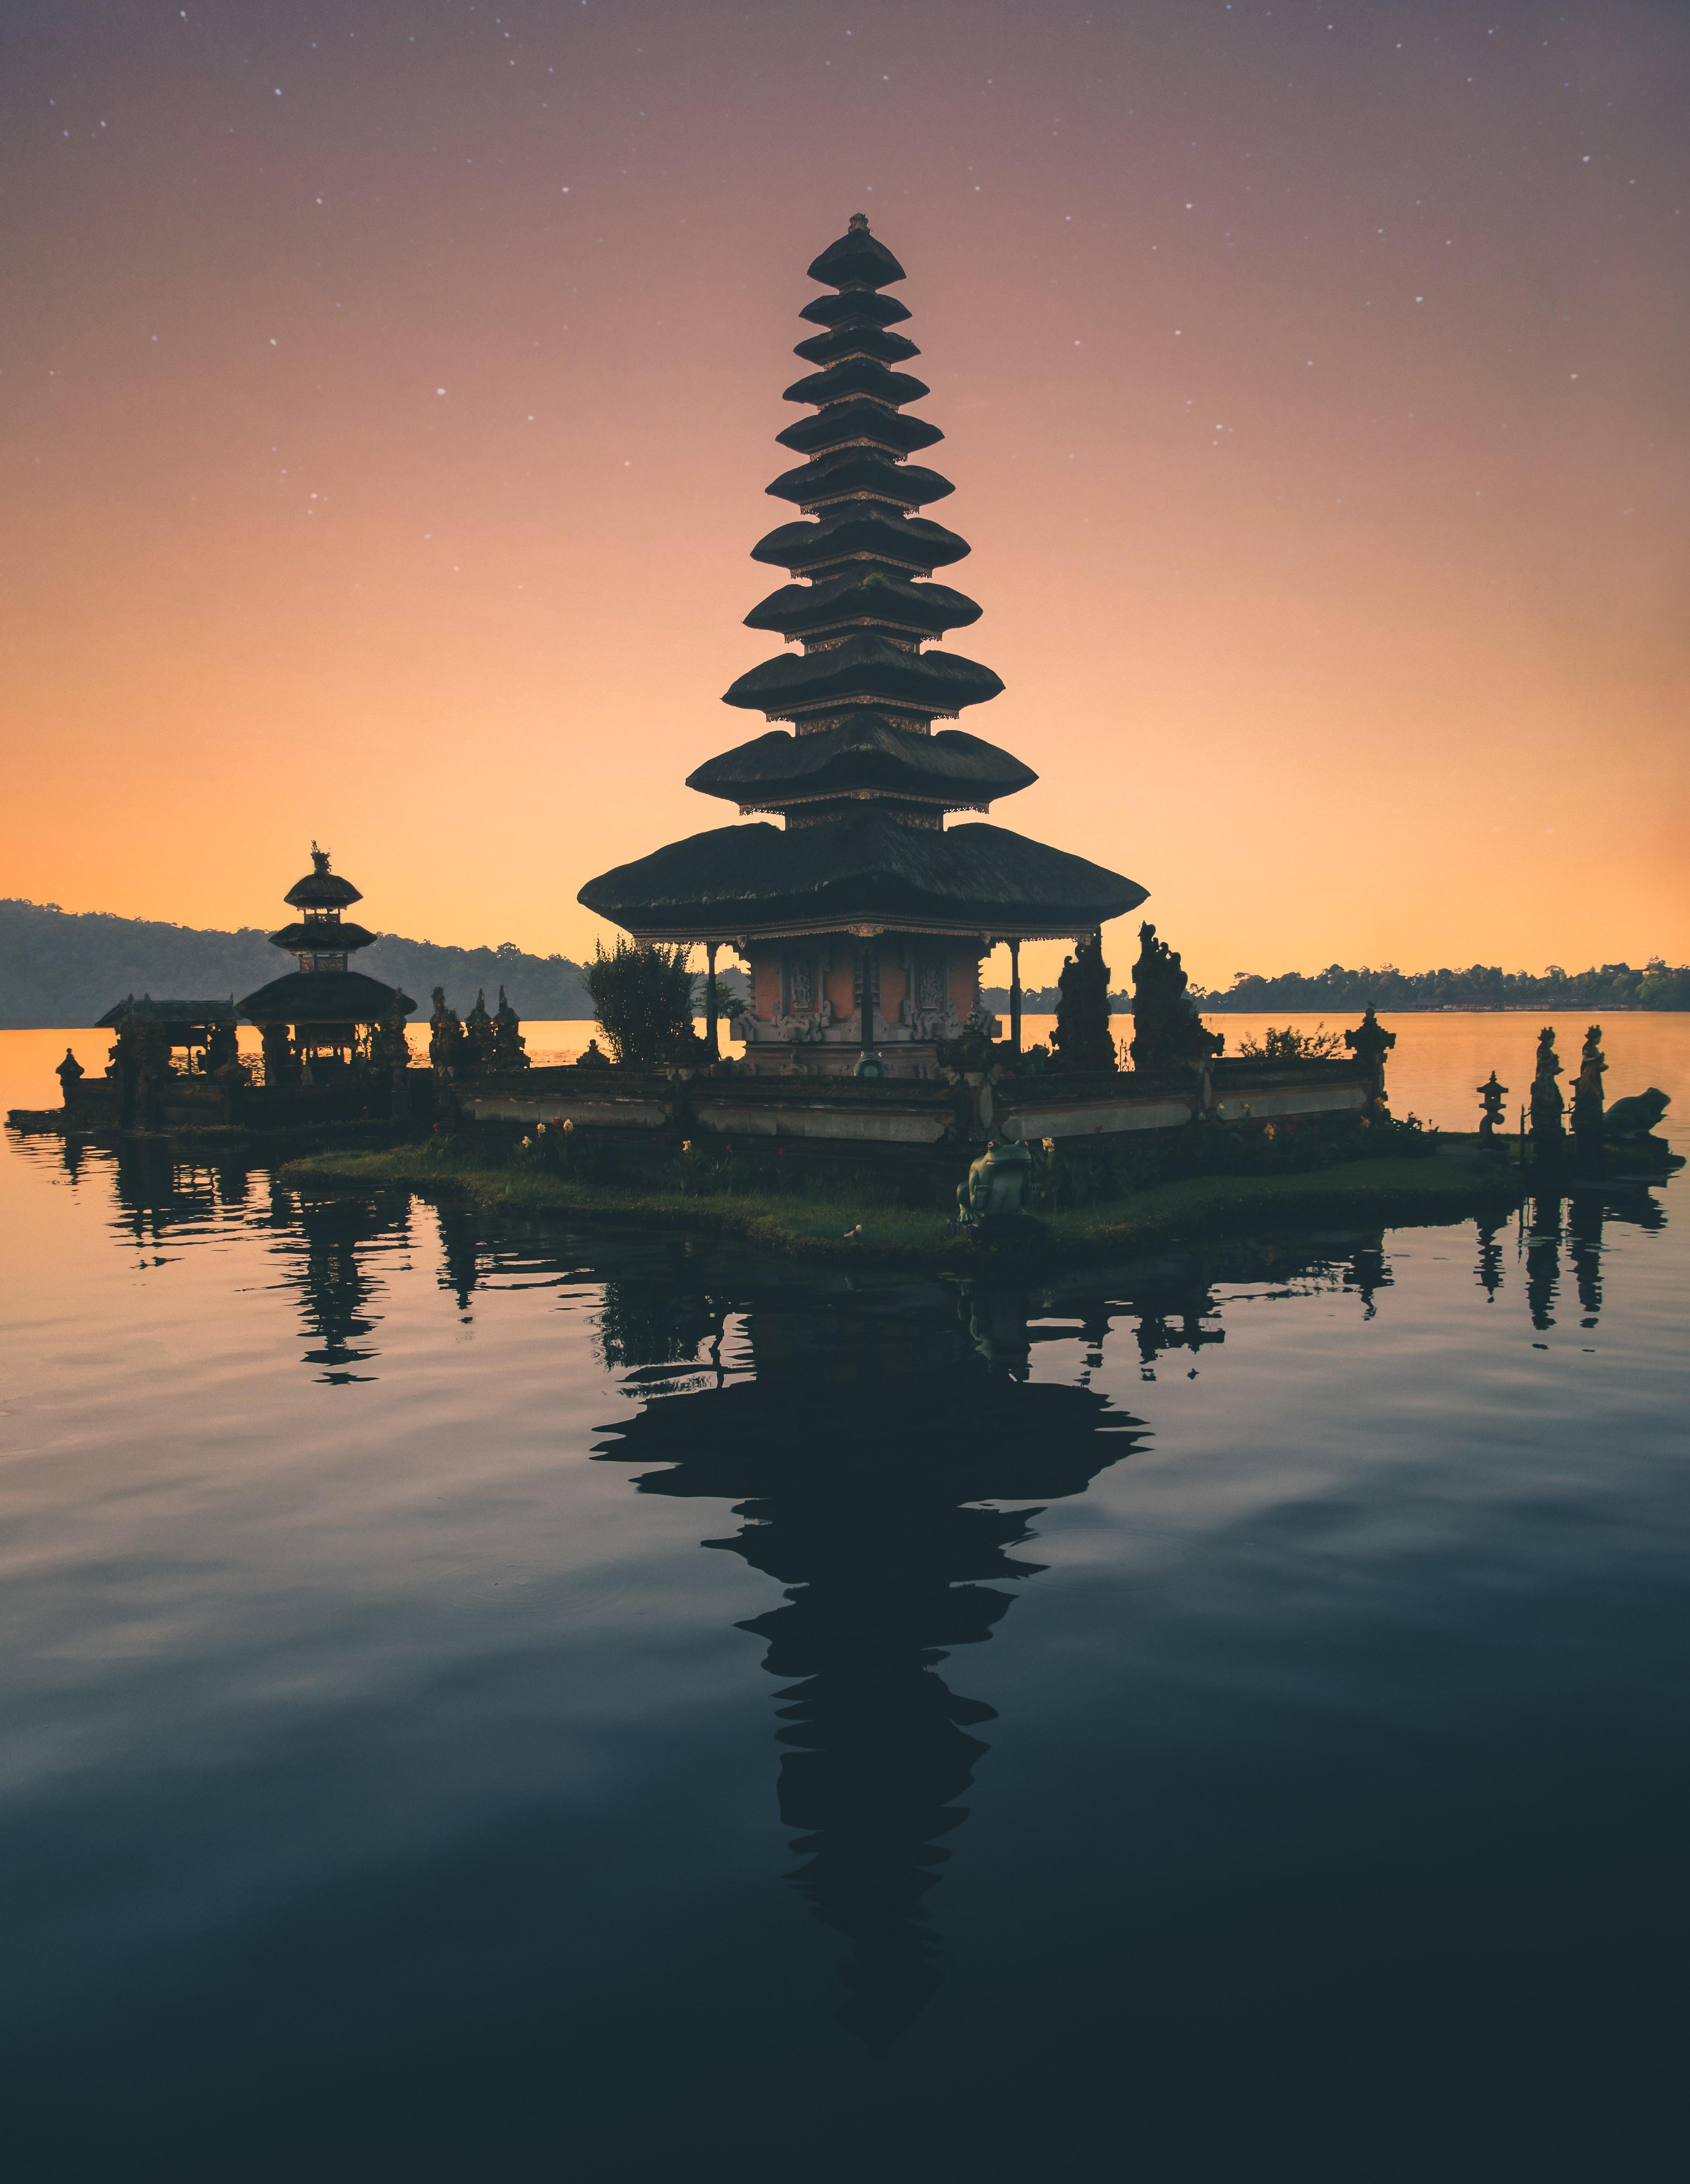 125961 免費下載壁紙 巴厘岛, 寺庙, 神殿, 塔, 塔楼, 水, 城市 屏保和圖片